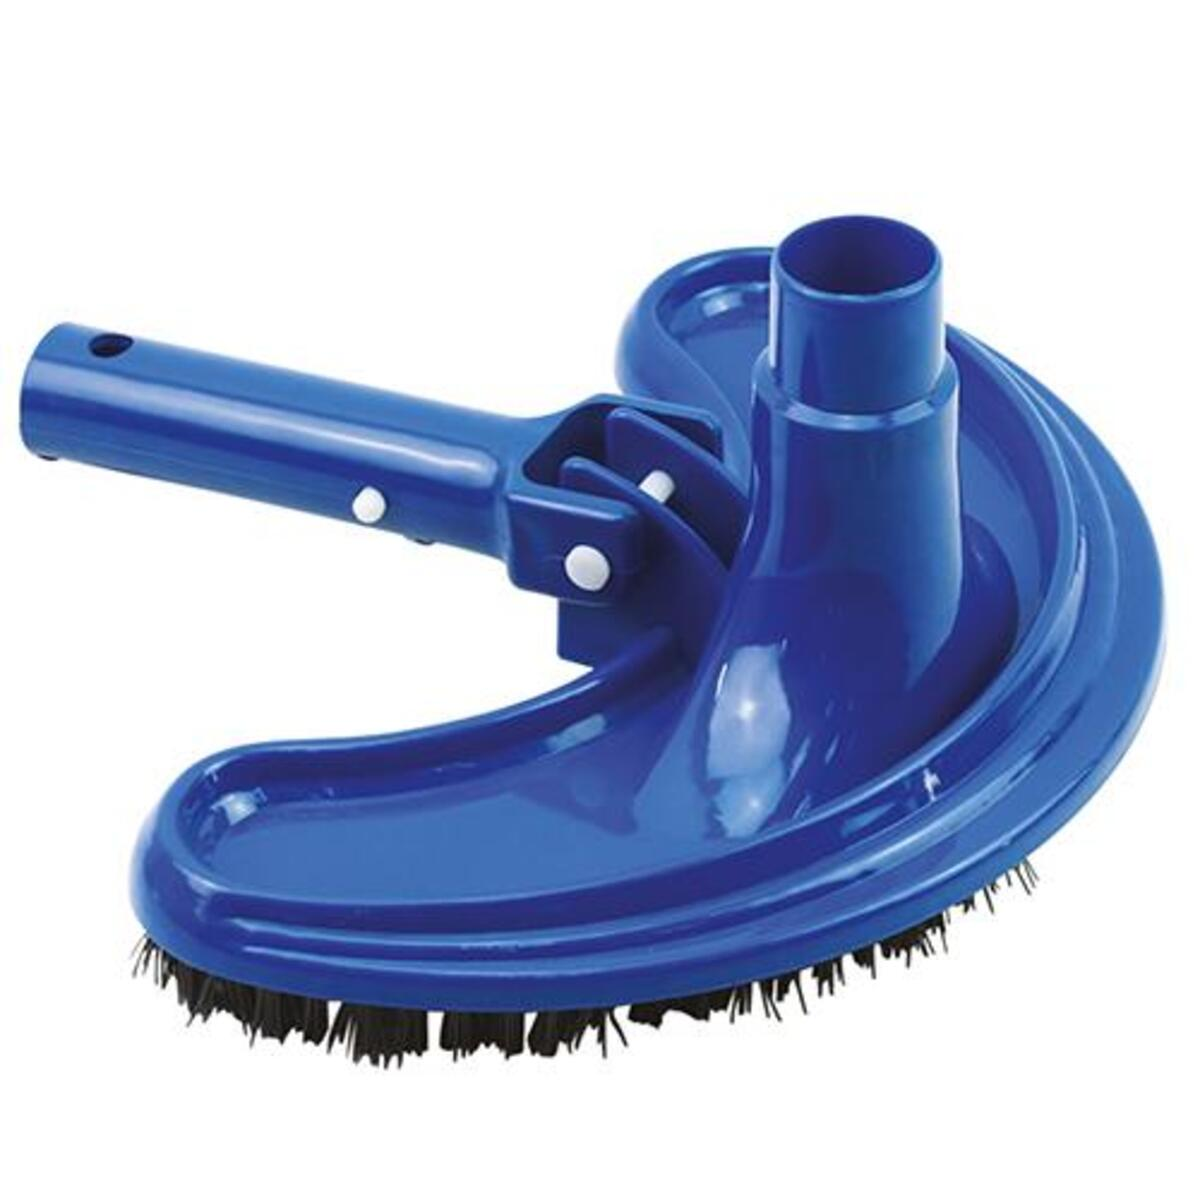 Bild 1 von Mauk Reinigungs- Saug- Aufsatz Bodendüse Ø 38mm + Mauk Pool Hand Schrubber Bürste mit Handriff